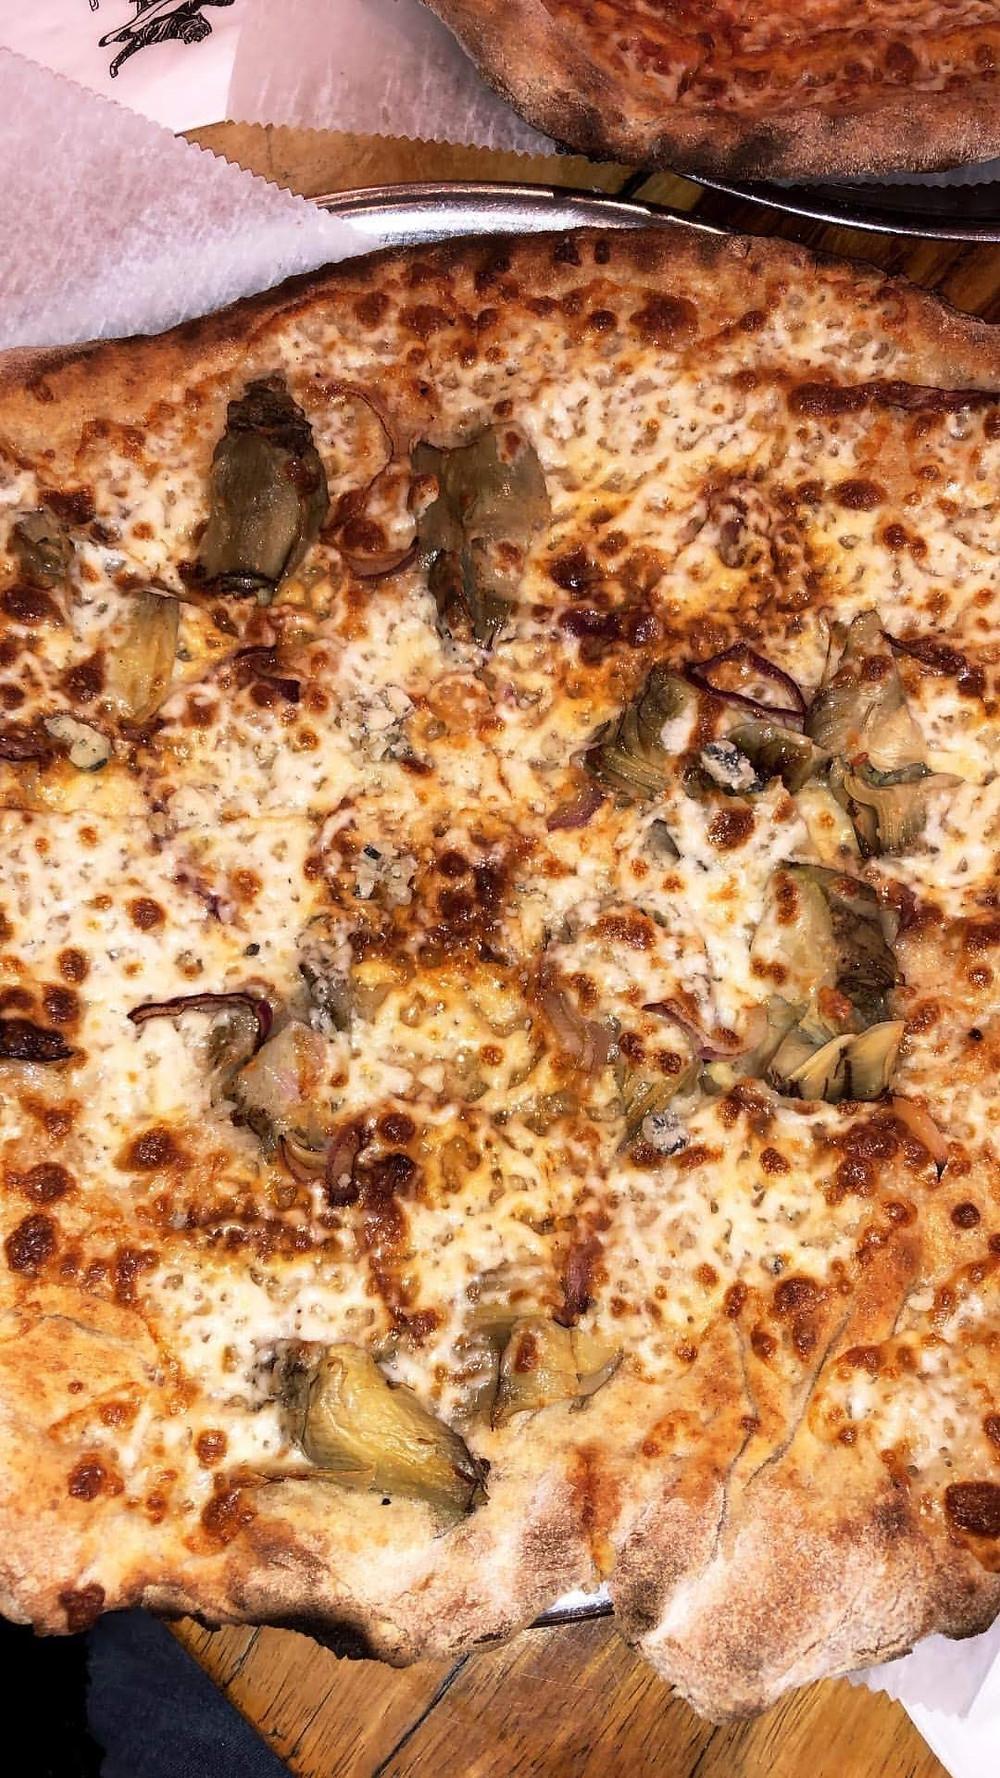 פיצה ללא גלוטן, מסעדה ללא גלוטן, אוכל ללא גלוטן, מגזינו תל אביב